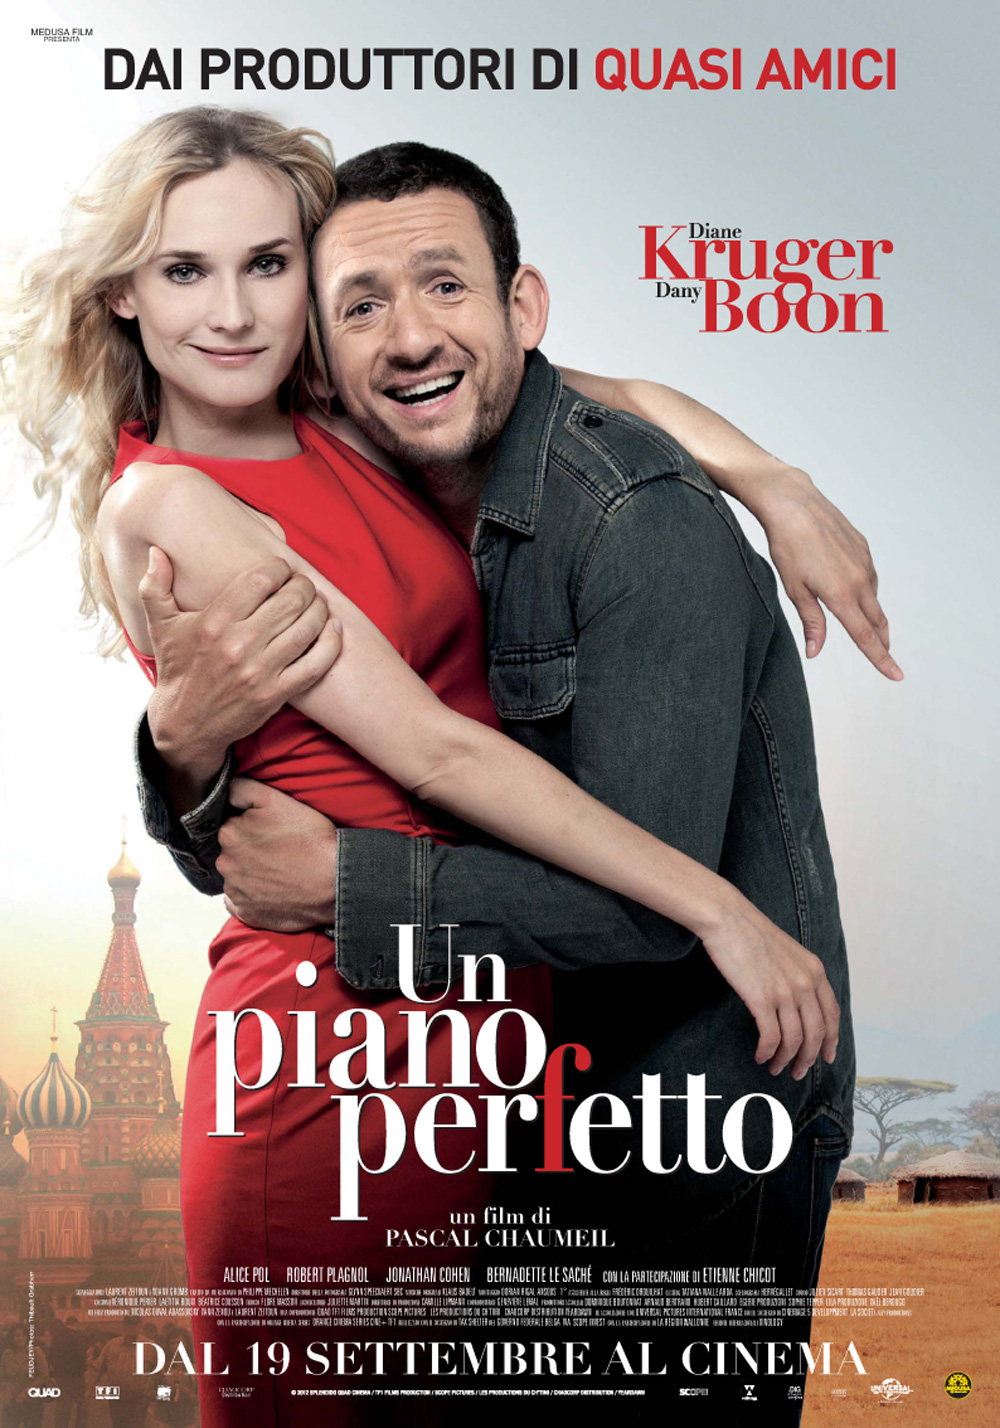 Un piano perfetto, la locandina italiana del film